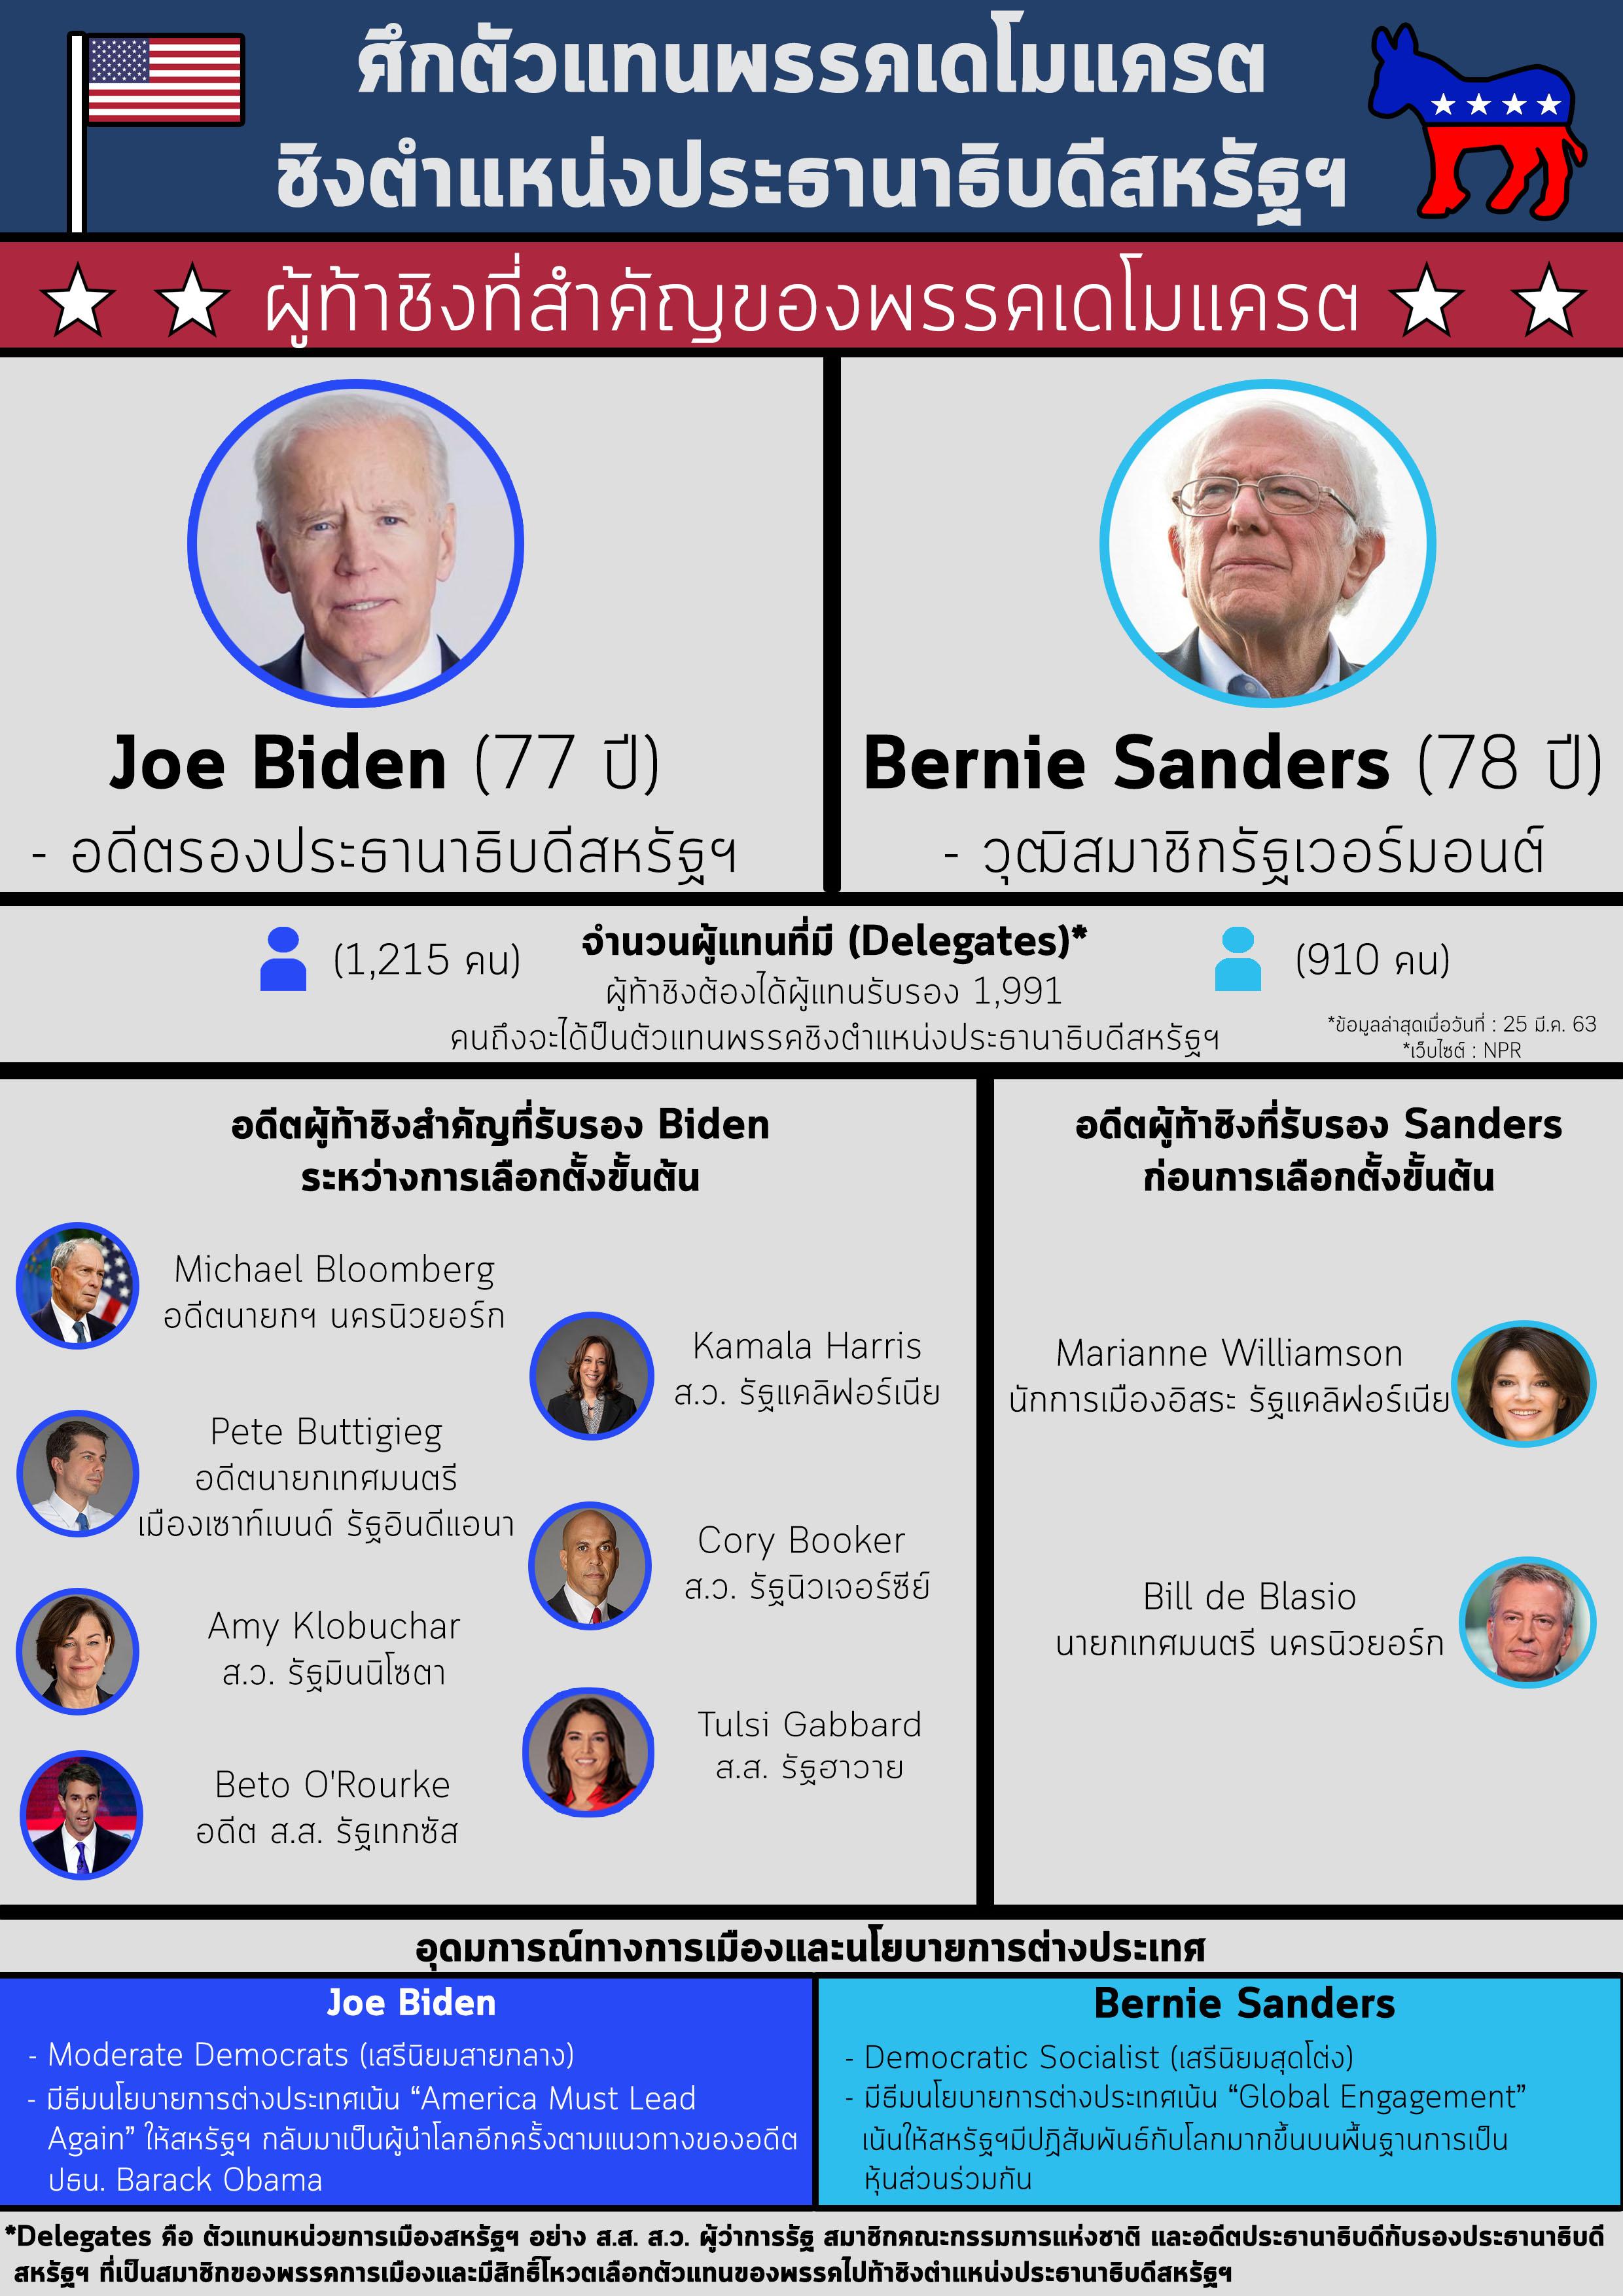 ตัวแทนพรรค_Democratic_ประจำเลือกตั้งสหรัฐฯ_2563_(เวอร์ชั่นสอง)